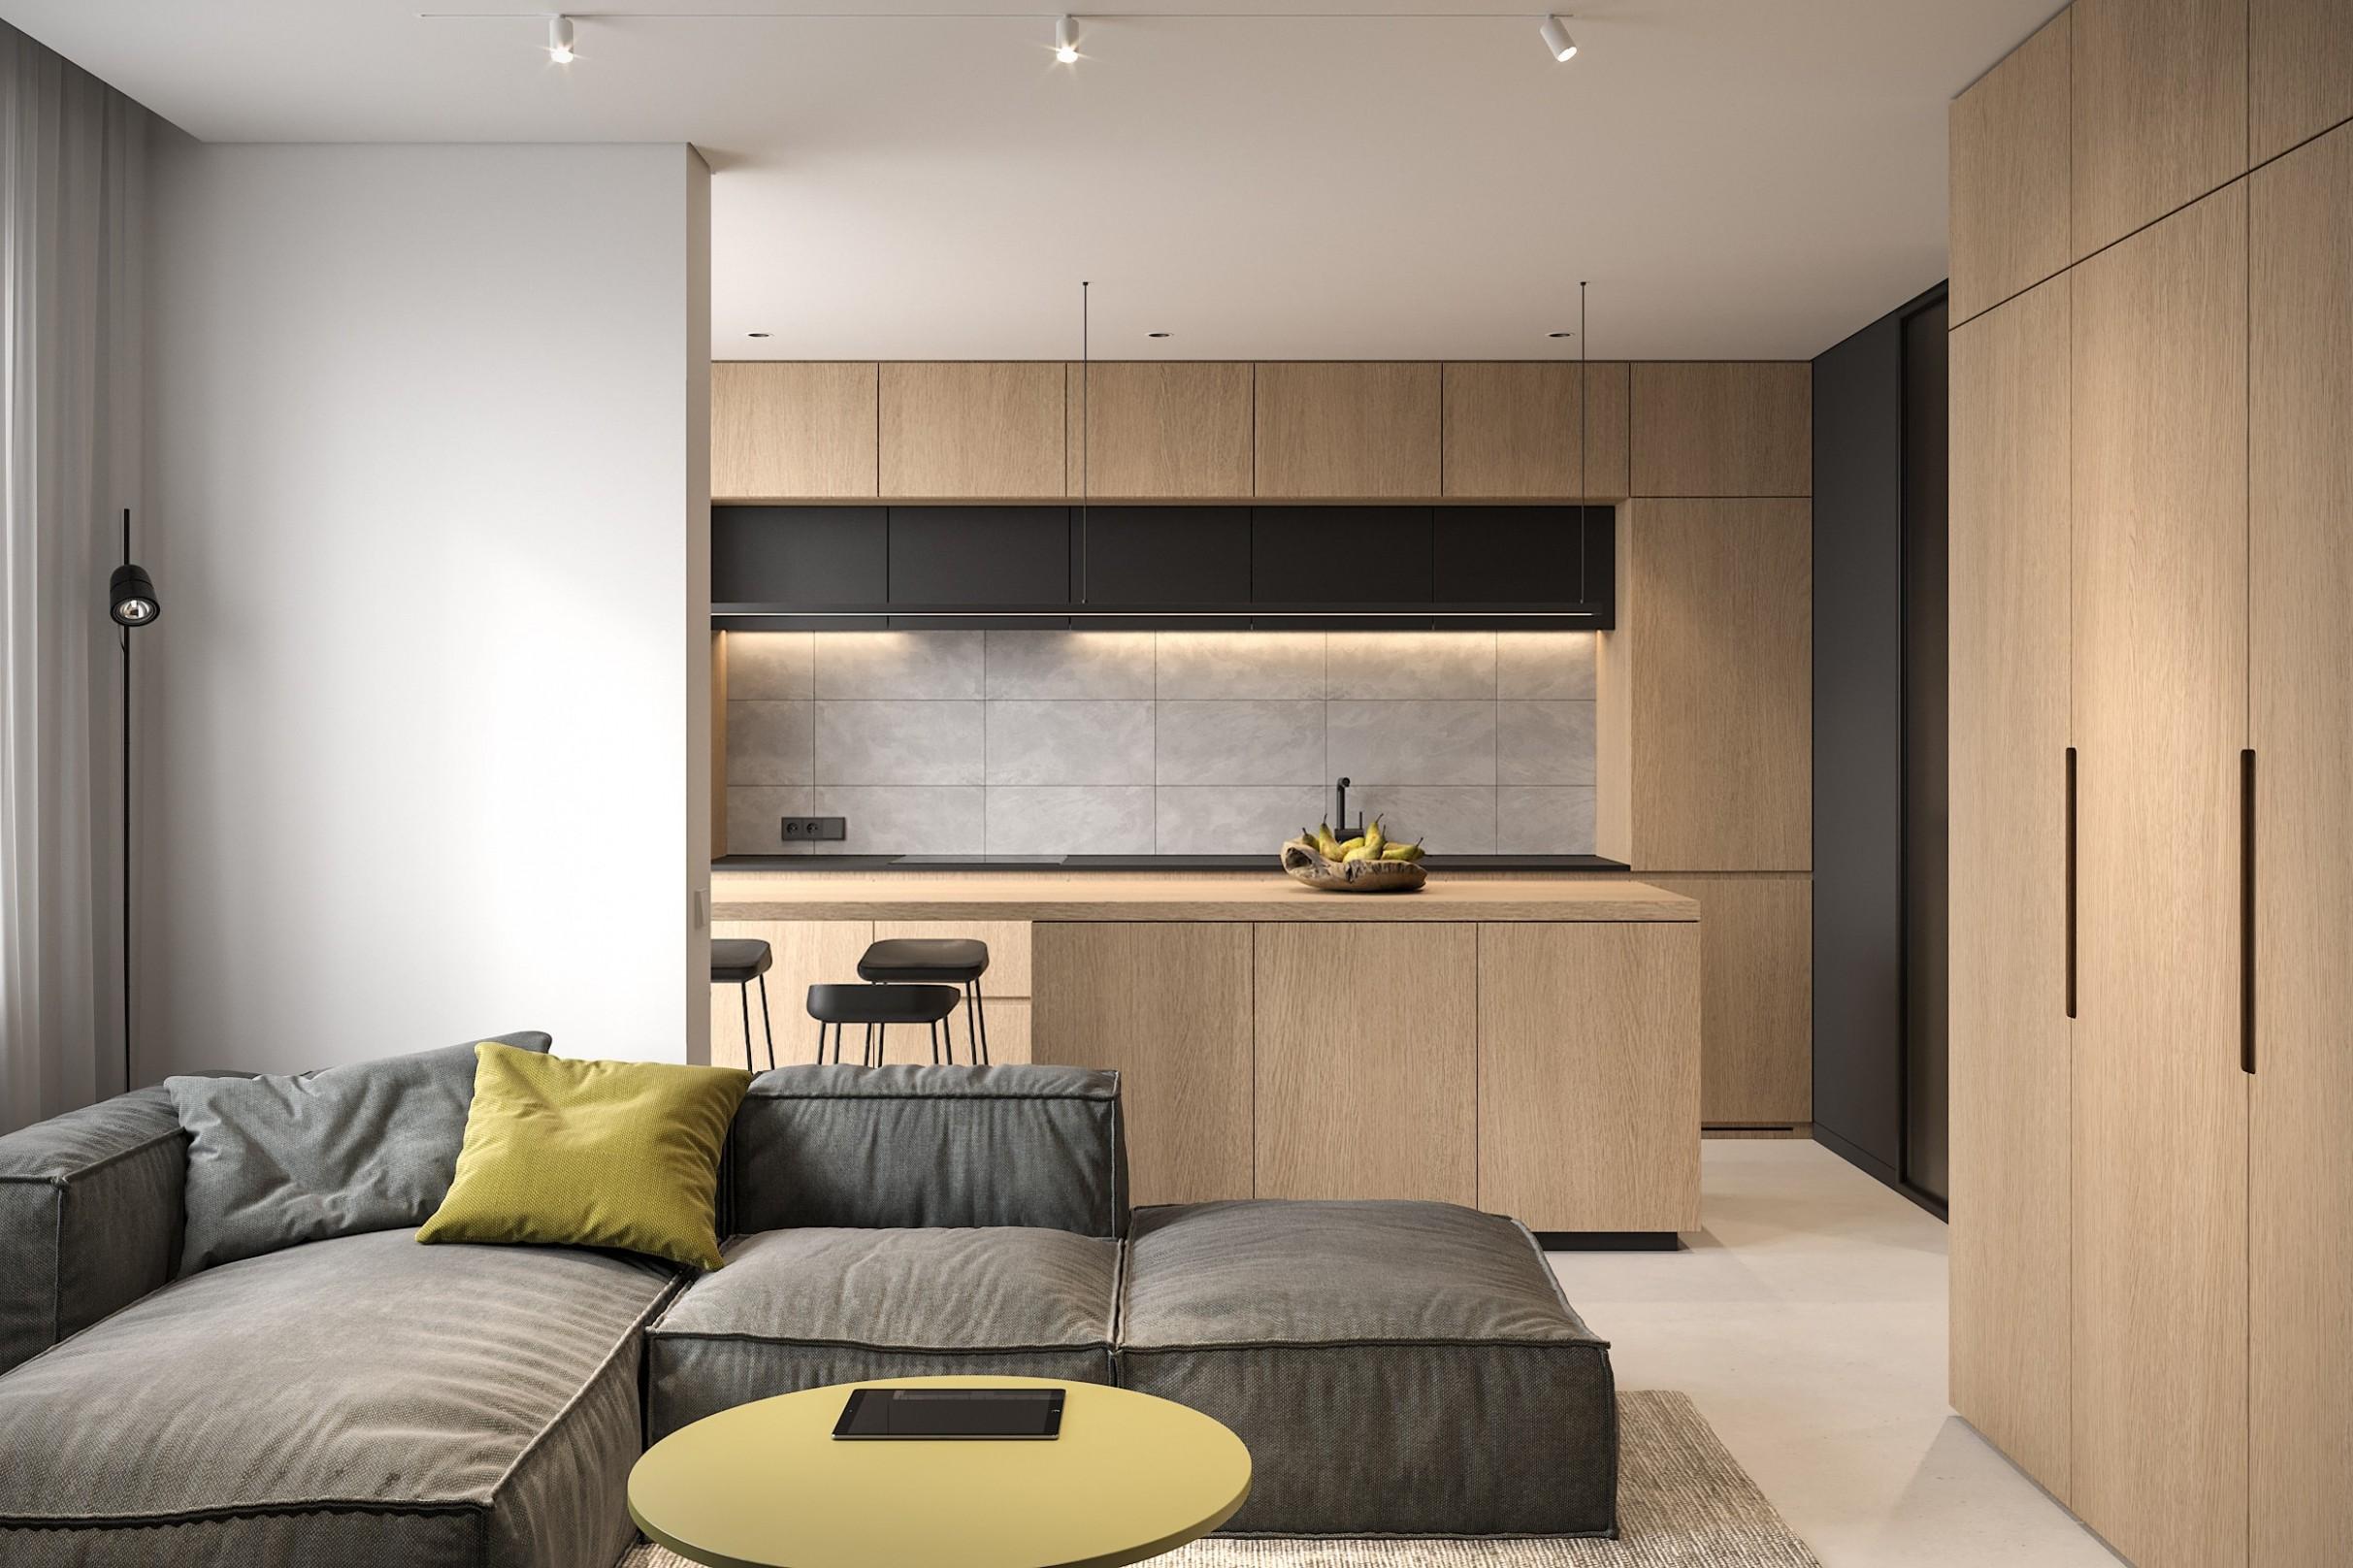 Tiny Apartment - small apartment interior design by Bezmirno - Apartment Design Pictures